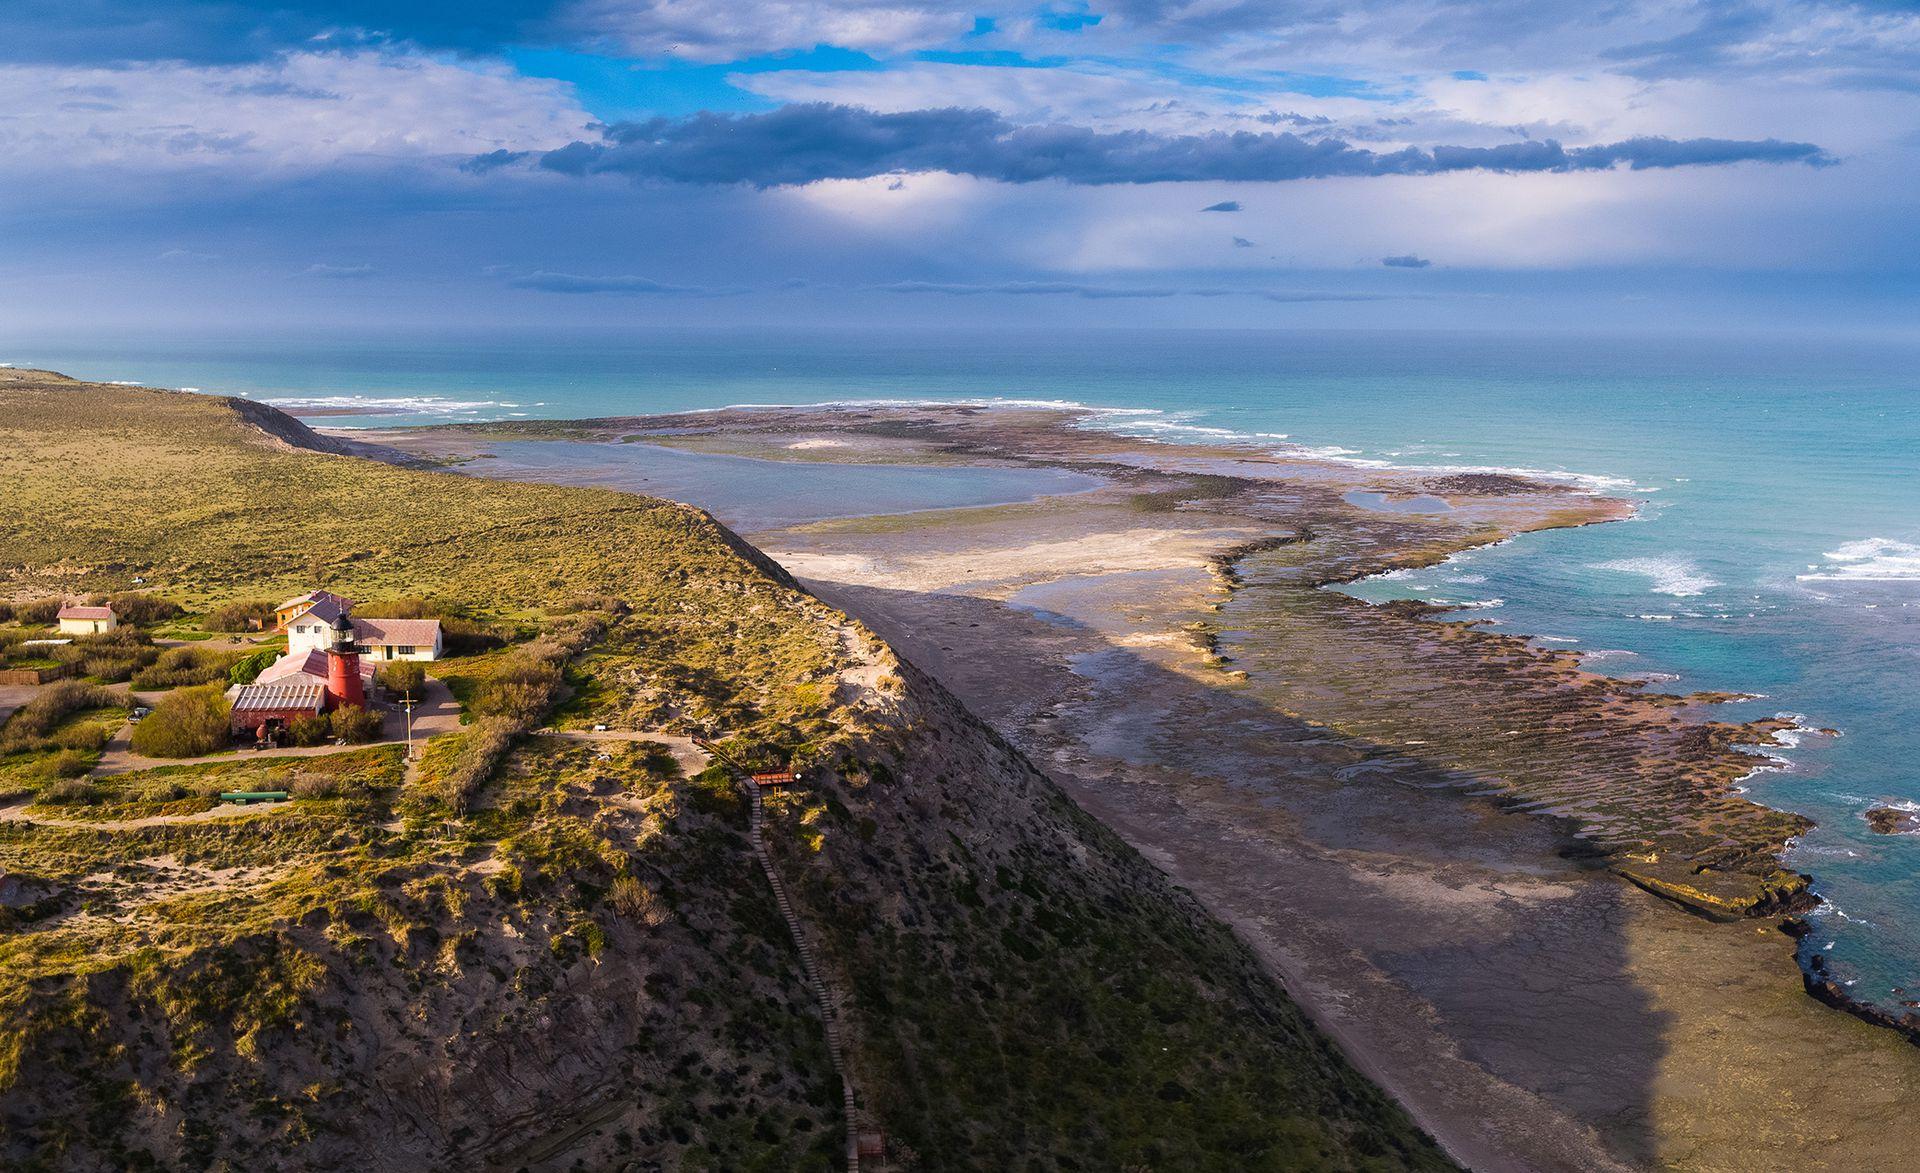 El Faro de Punta Delgada, con vista al mar de la Península Valdés.